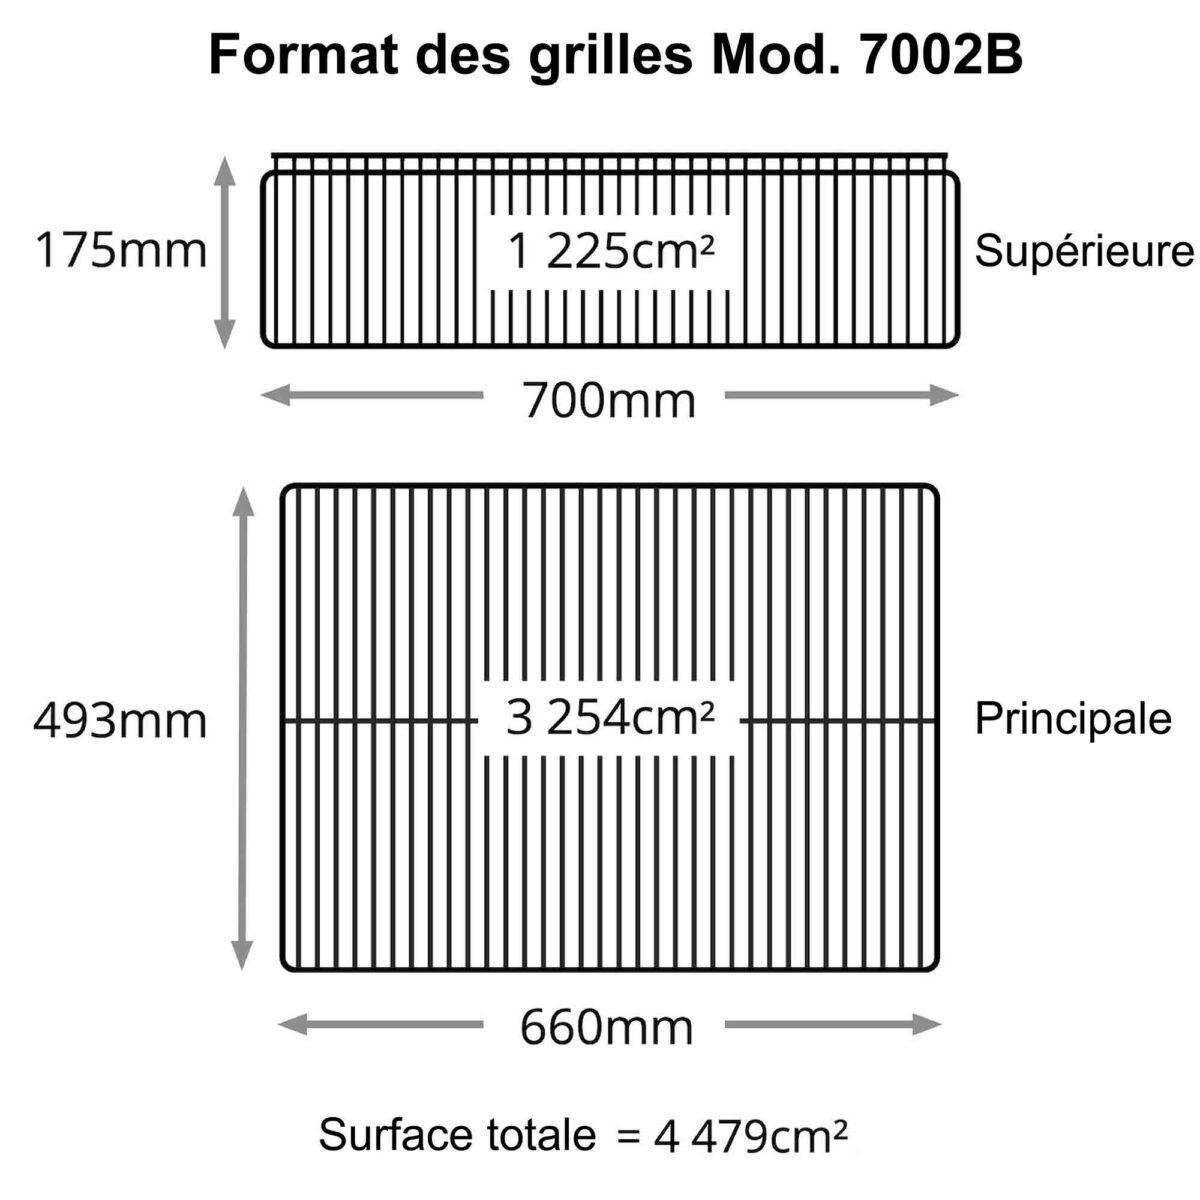 grille bbq pellet zgrills 7002